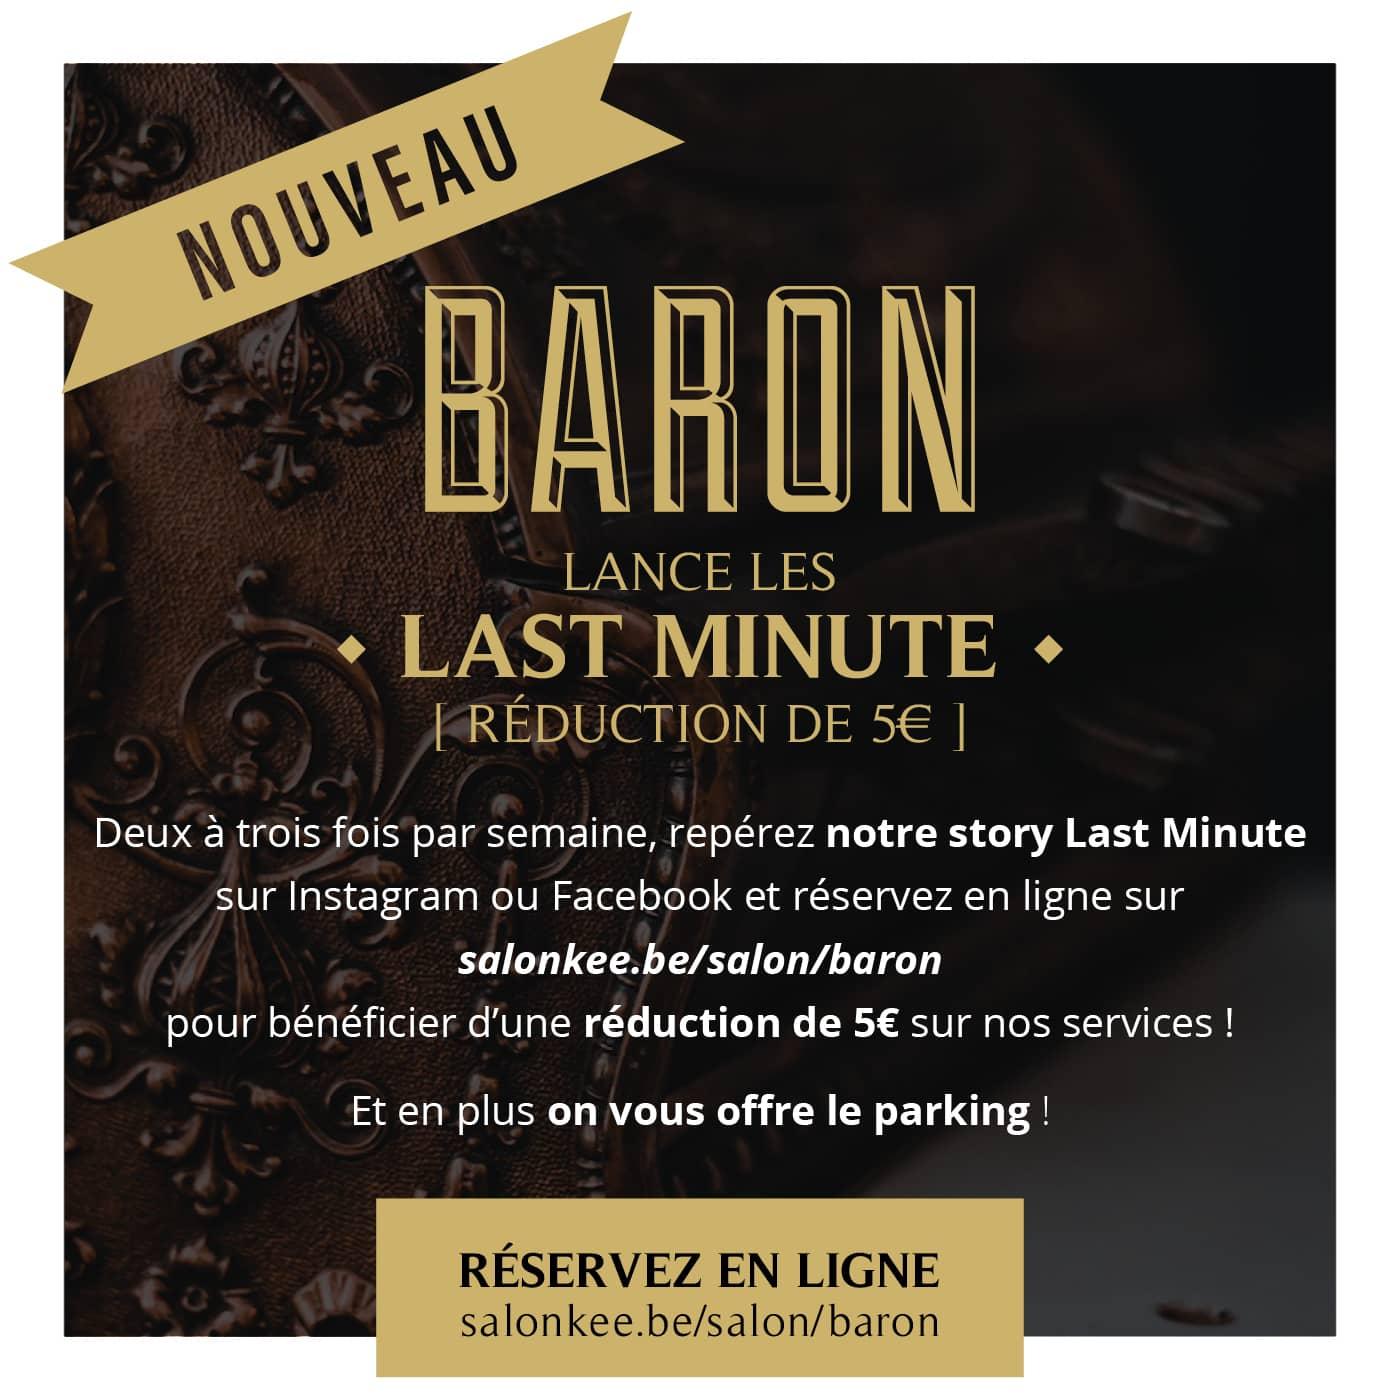 Nouveau : Barbier Baron lance les Last Minute : Deux à trois fois par semaine, repérez notre story Last Minute sur Instagram ou Facebook et réservez en ligne sur salonkee.be/salon/baron pour bénéficier d'une réduction de 5€ sur nos services ! Et en plus on vous offre le parking !